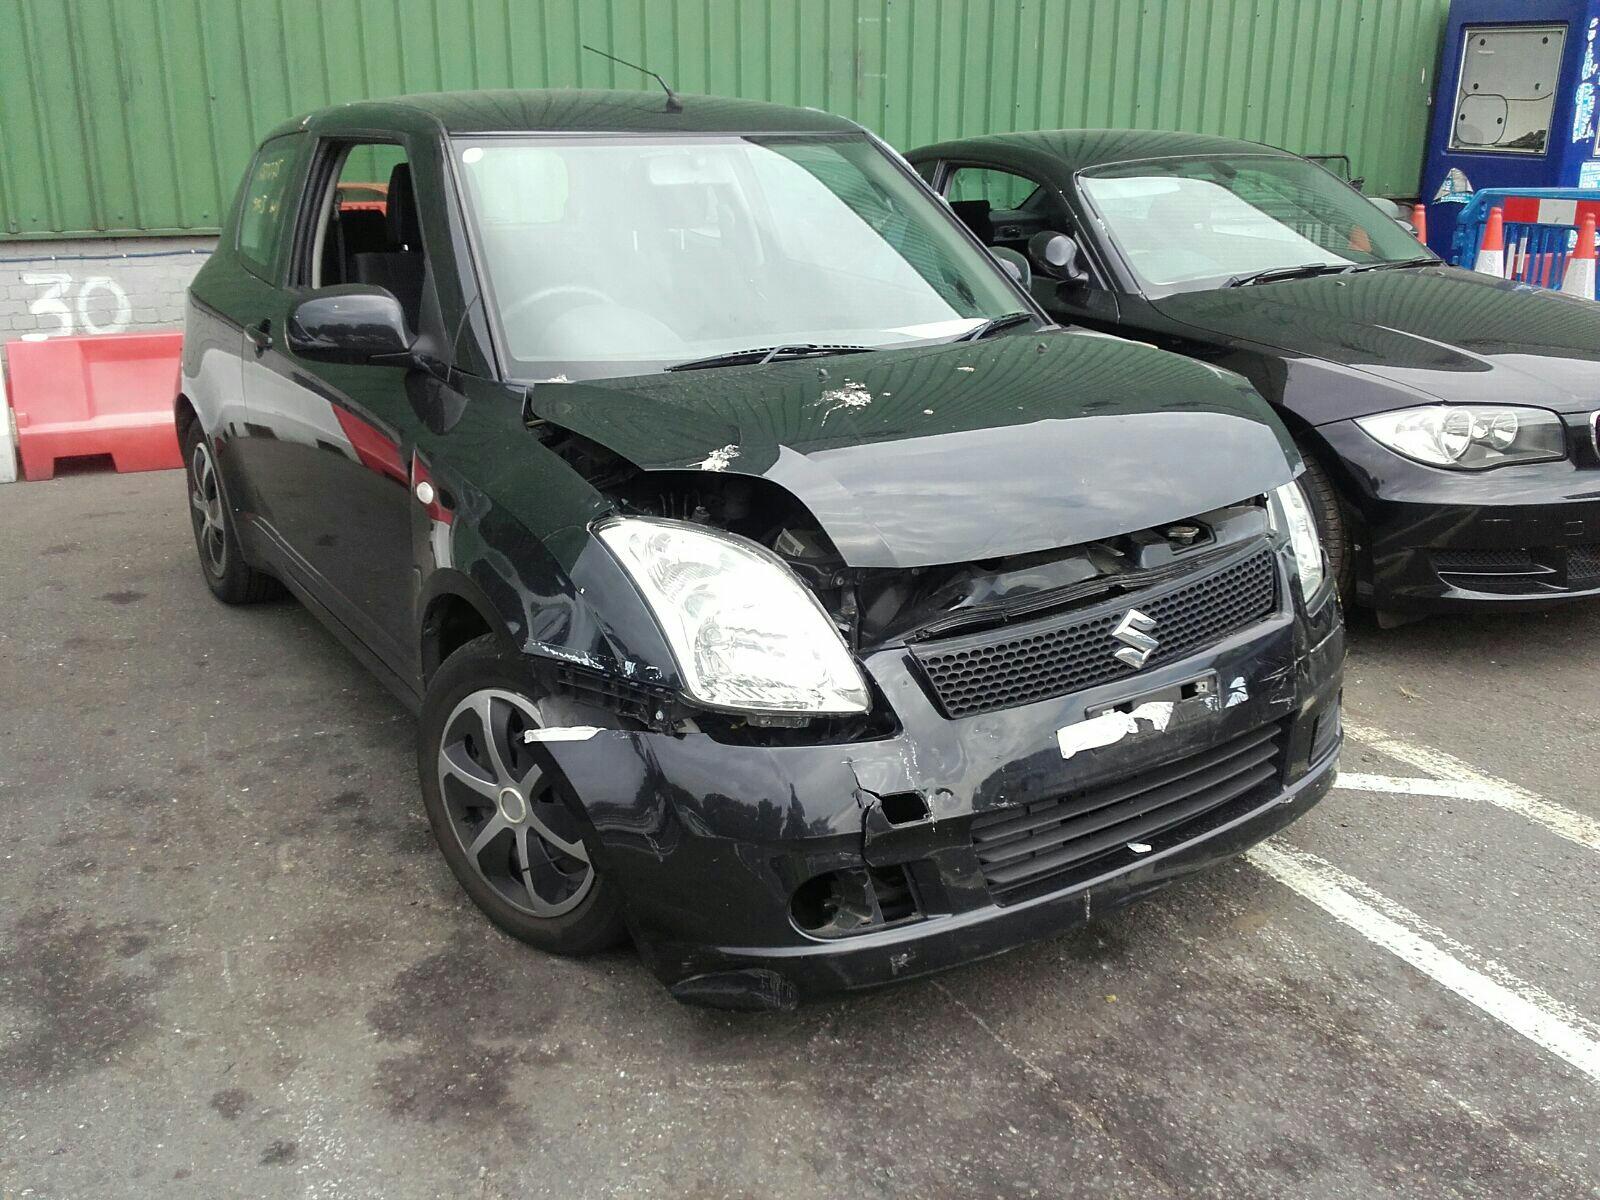 Suzuki Swift 2005 To 2010 GL 3 Door Hatchback / scrap / salvage car for  sale / auction | Silverlake Autoparts